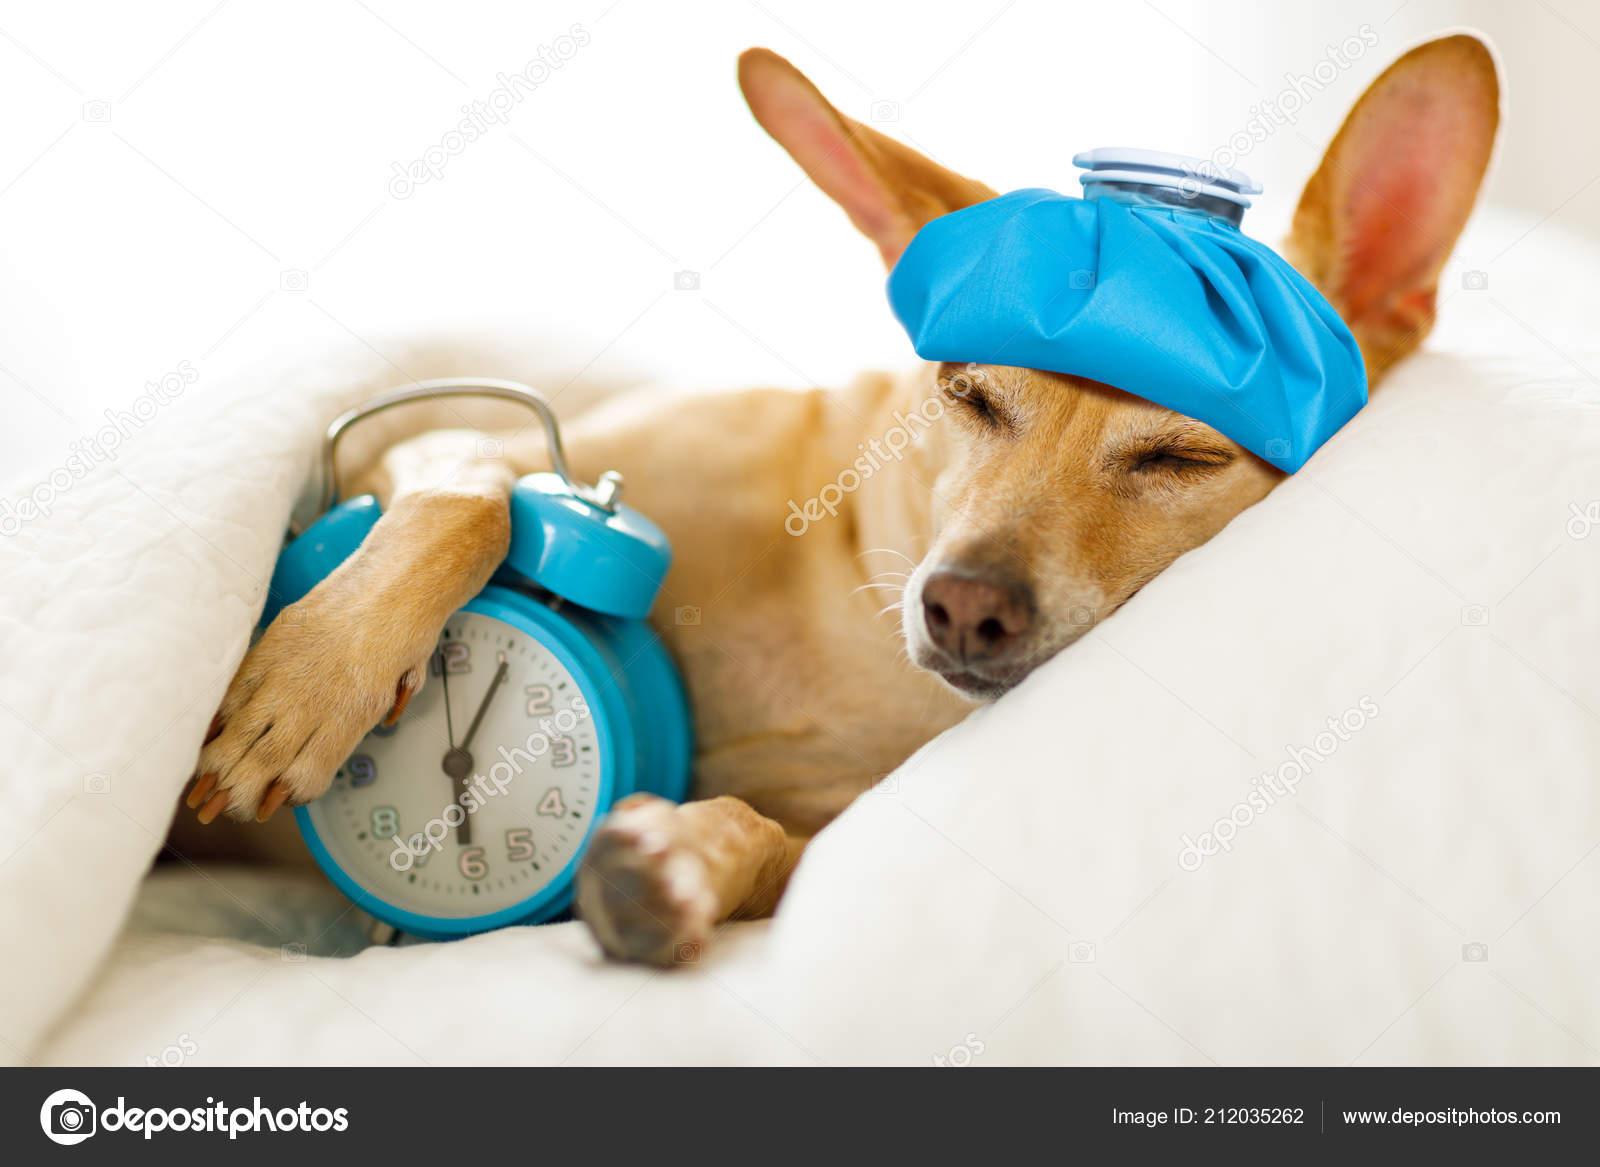 Chihuahua Hund Bett Ruhen Oder Schlafen Mit Wecker Gefühl Krank